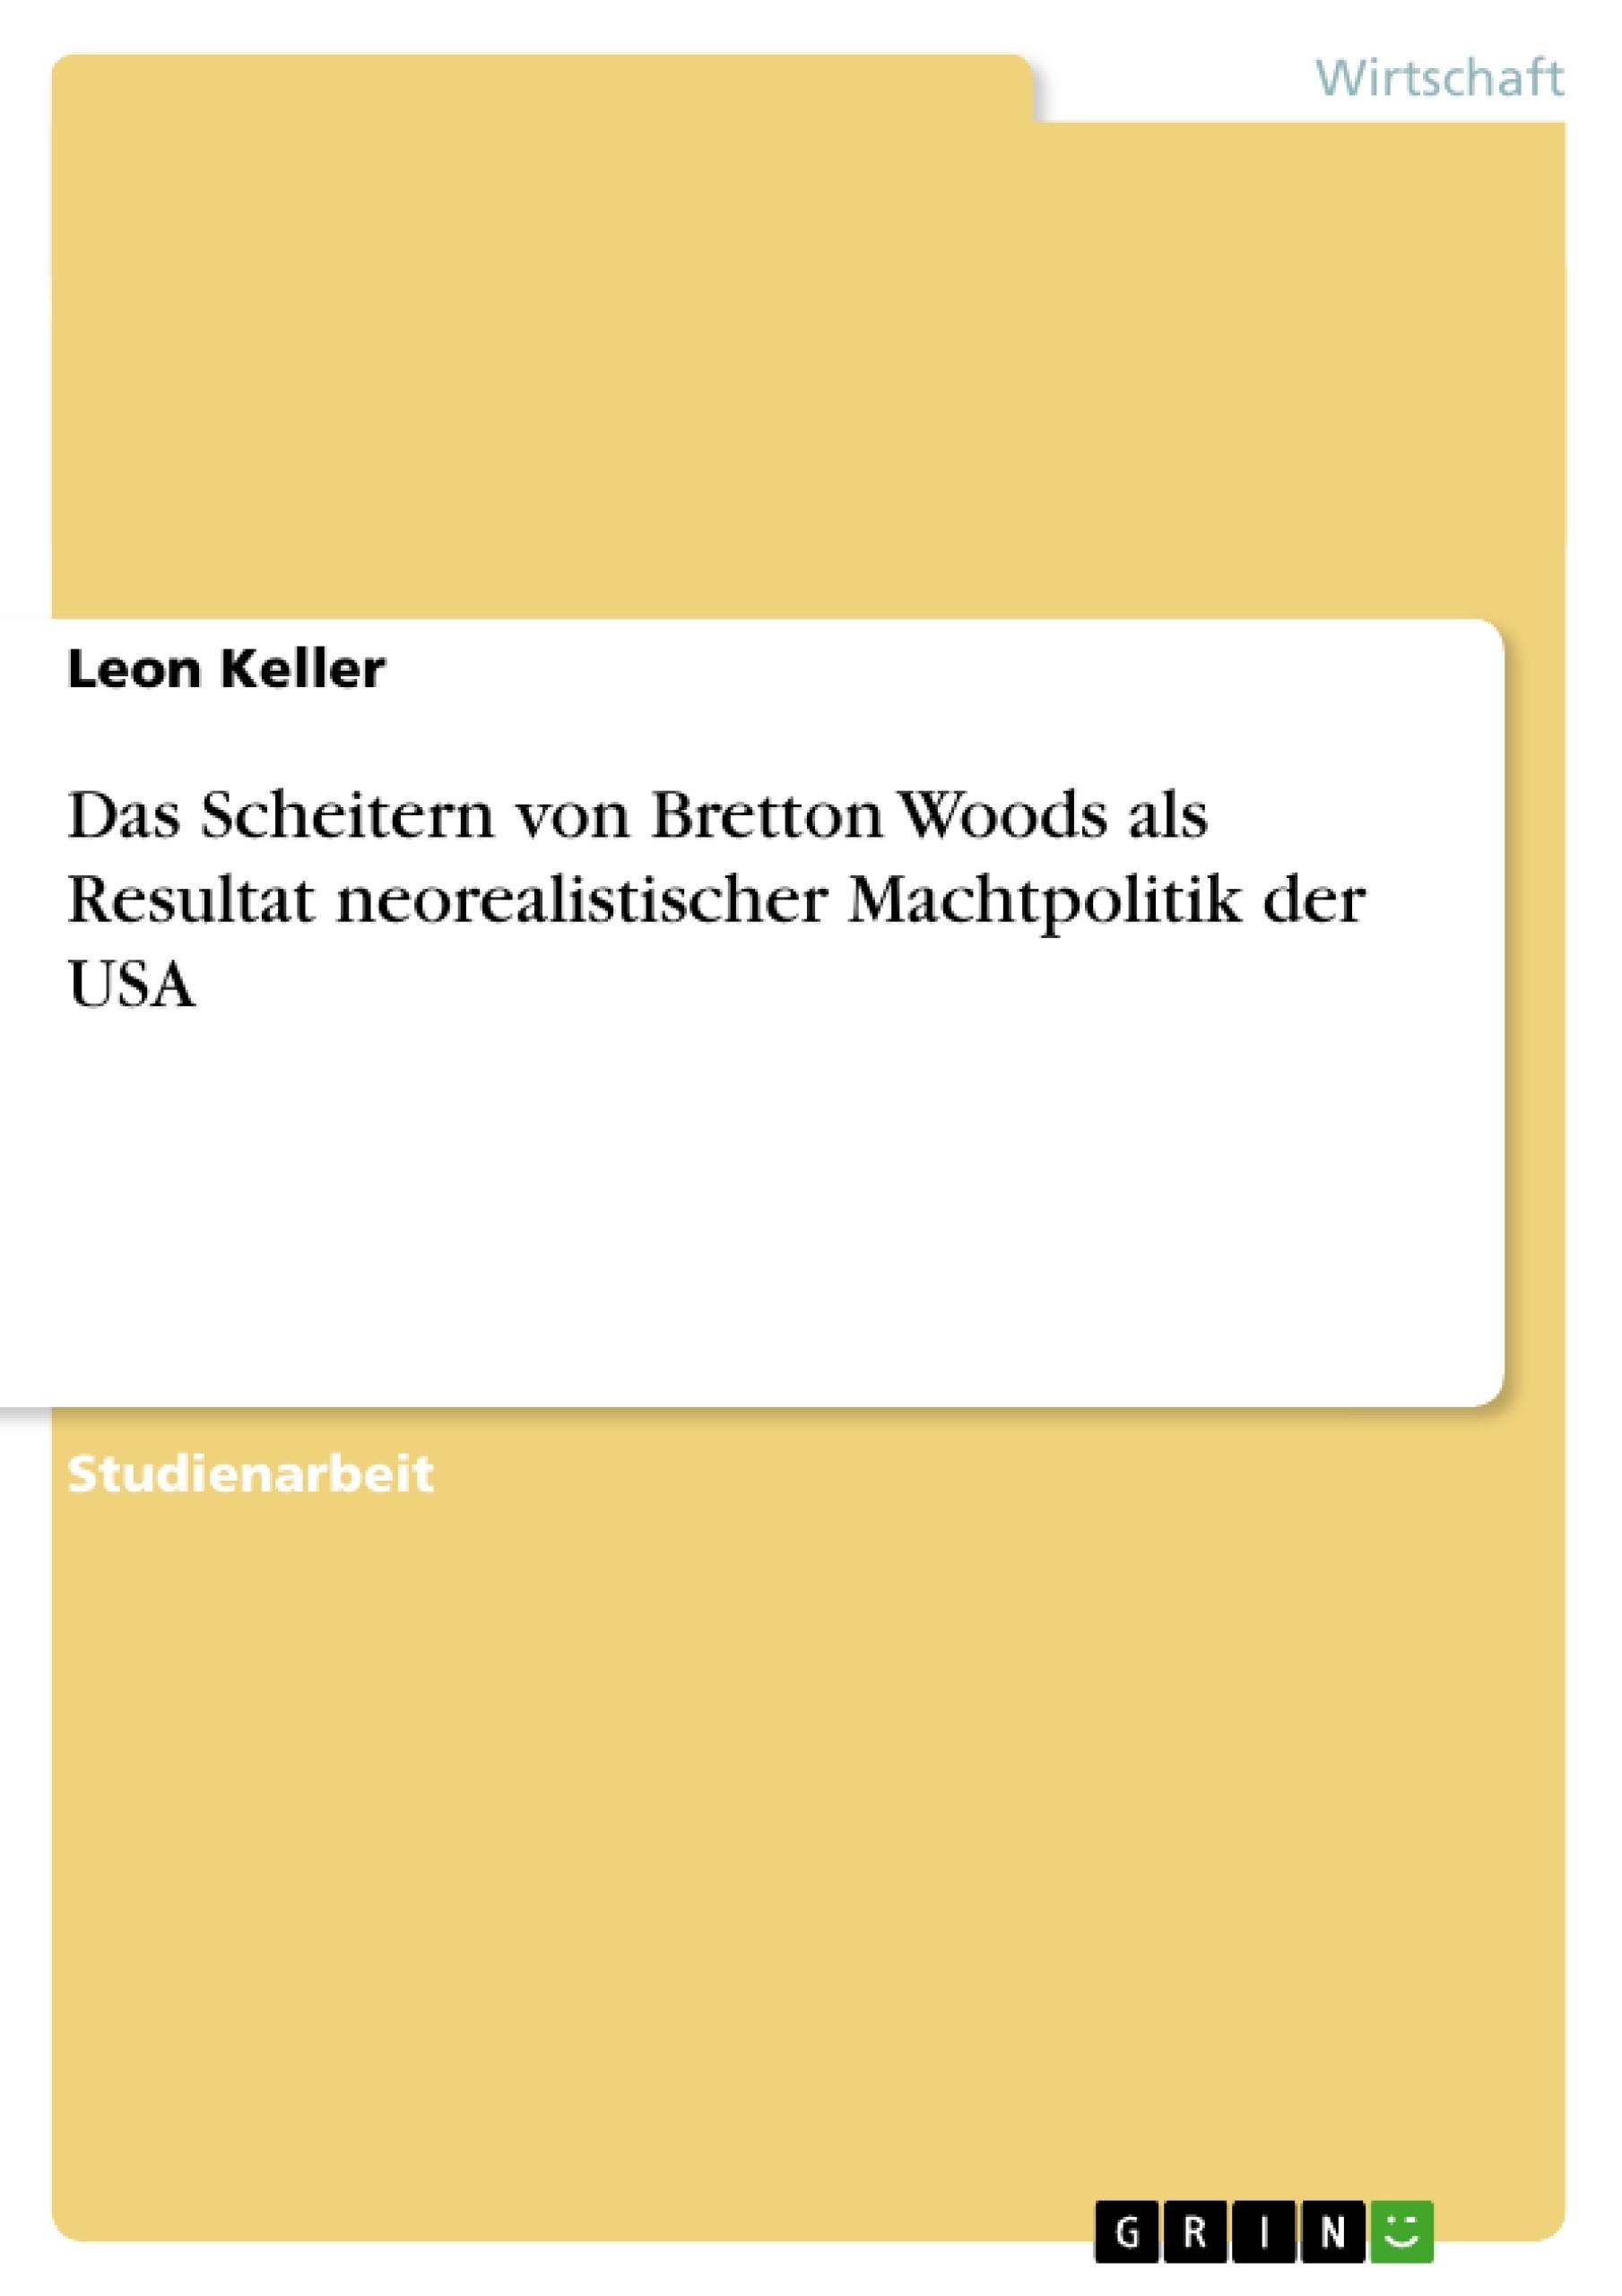 Titel: Das Scheitern von Bretton Woods als Resultat neorealistischer Machtpolitik der USA